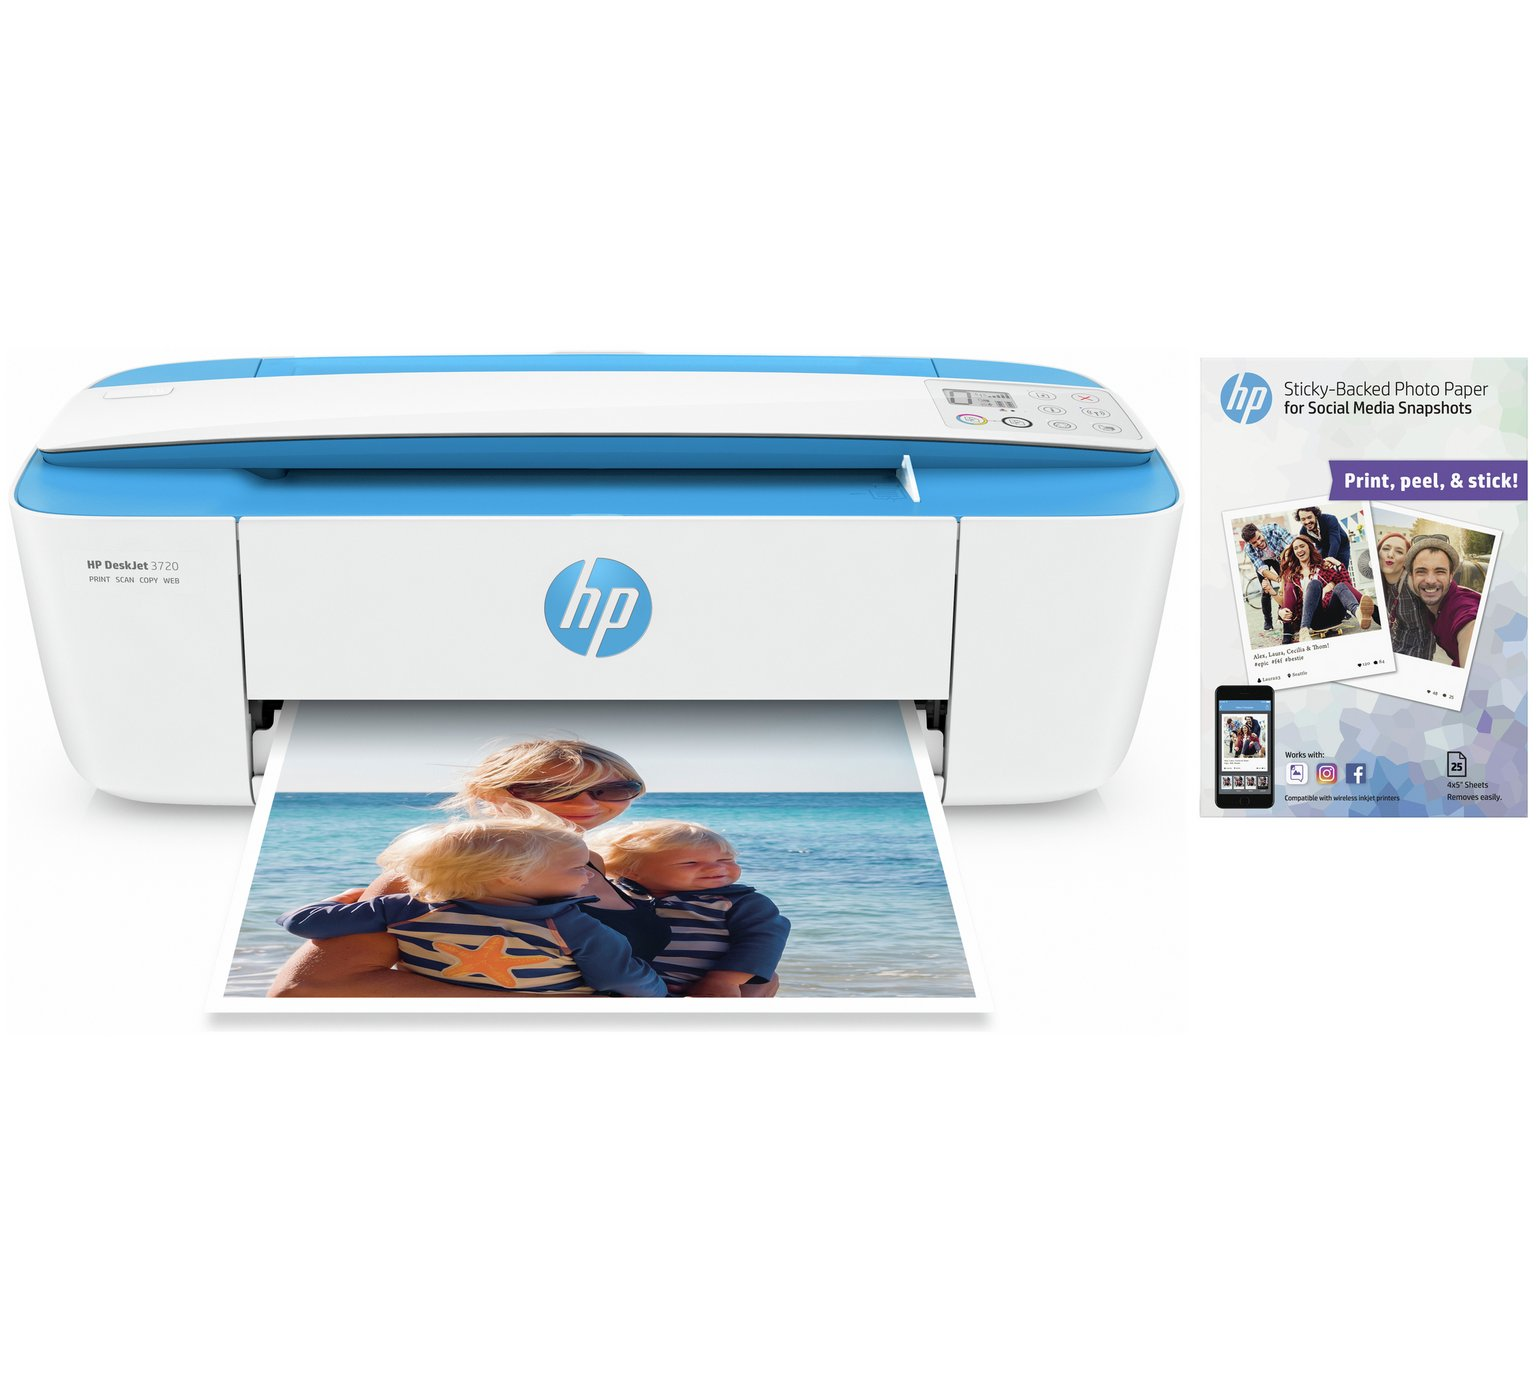 HP Deskjet 3720 Wireless All-in-One Printer Bundle